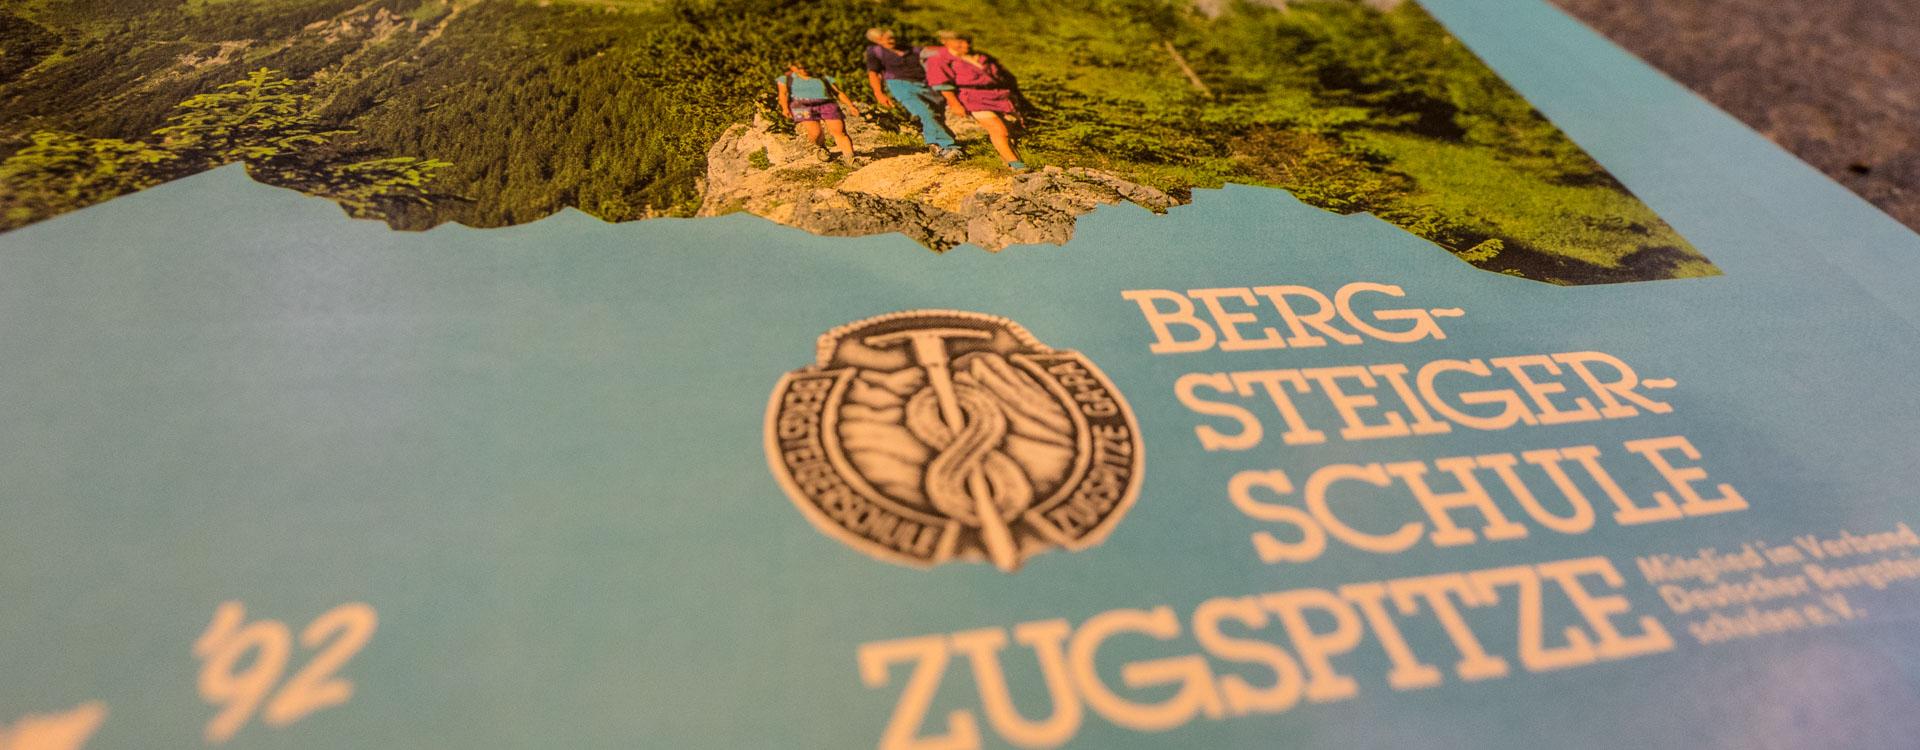 touren-mit-der-bergsteigerschule-zugspitze-aus-garmisch-partenkirchen